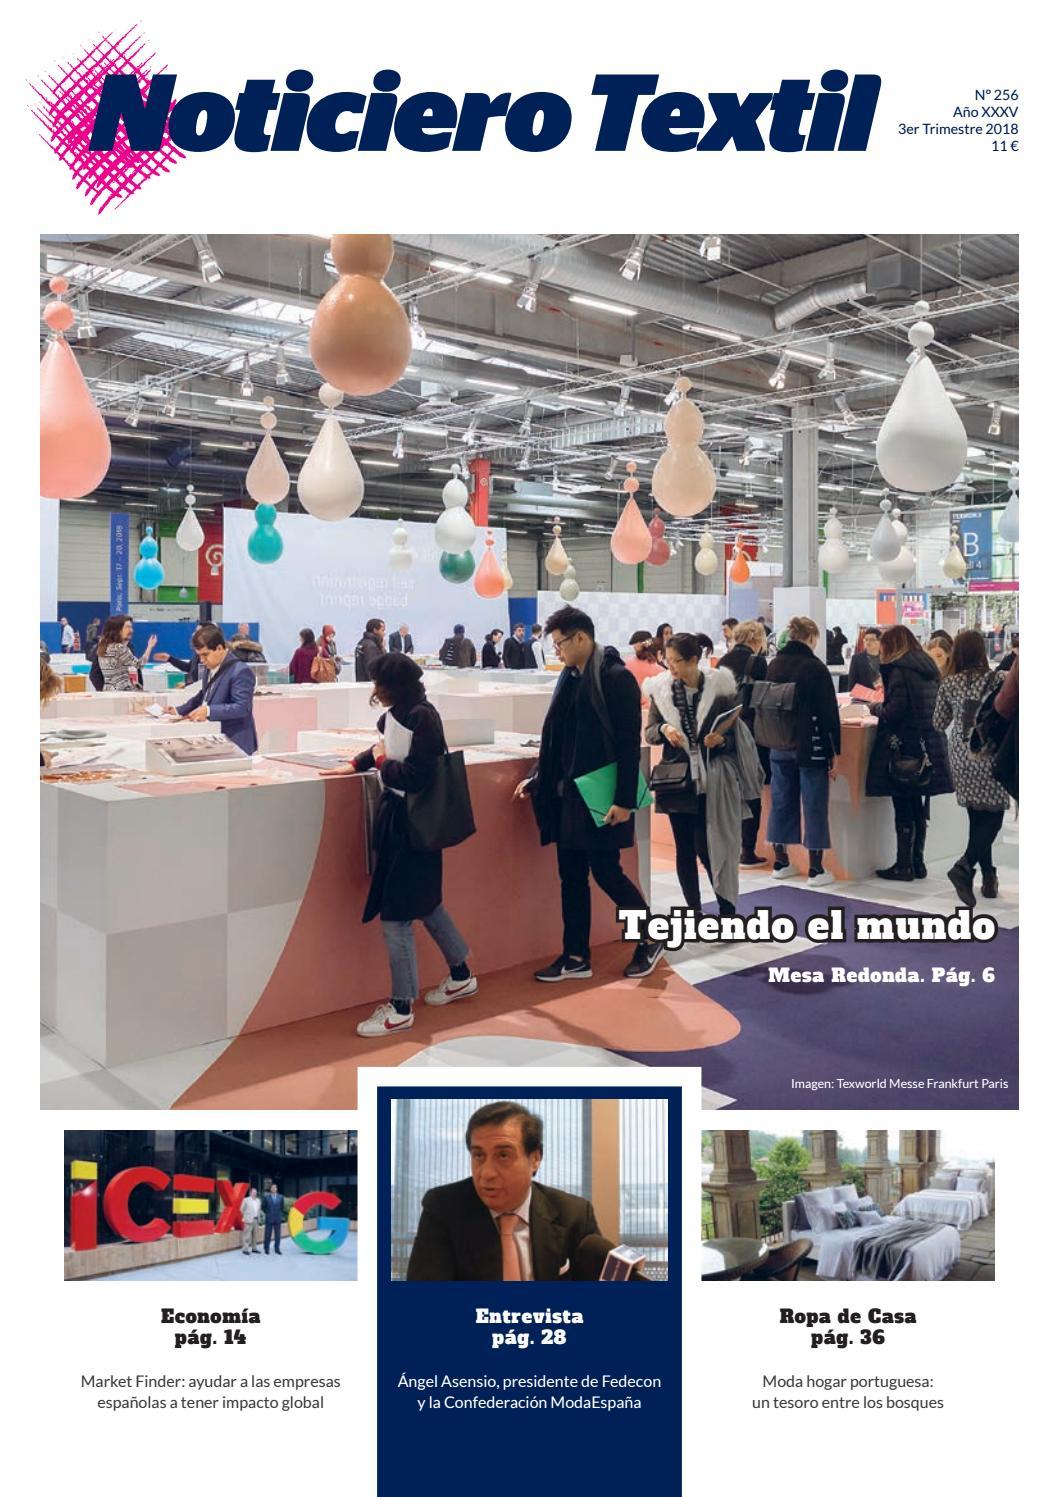 Noticiero 256 Ediciones Astoria Textil By Issuu bfg76y